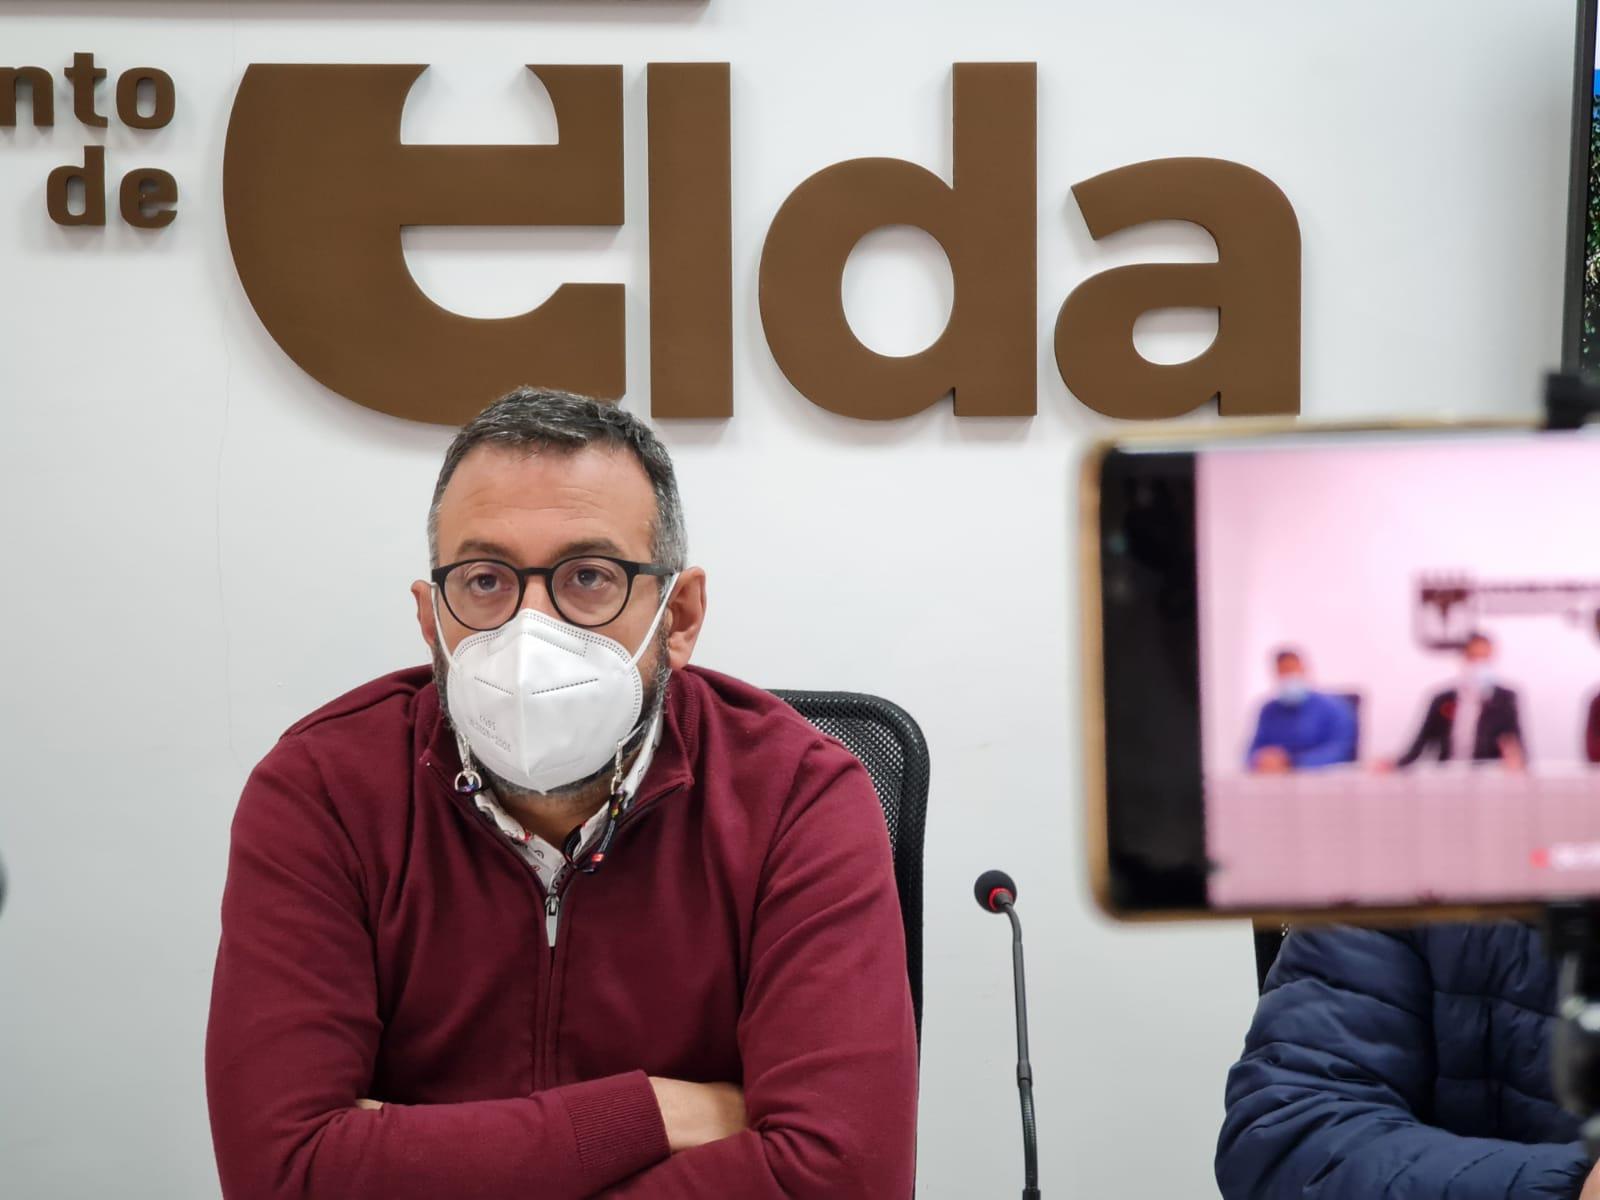 El Ayuntamiento de Elda avanza en el proceso de renovación de la imagen de la ciudad con el cambio de la señalética y el mobiliario urbano.